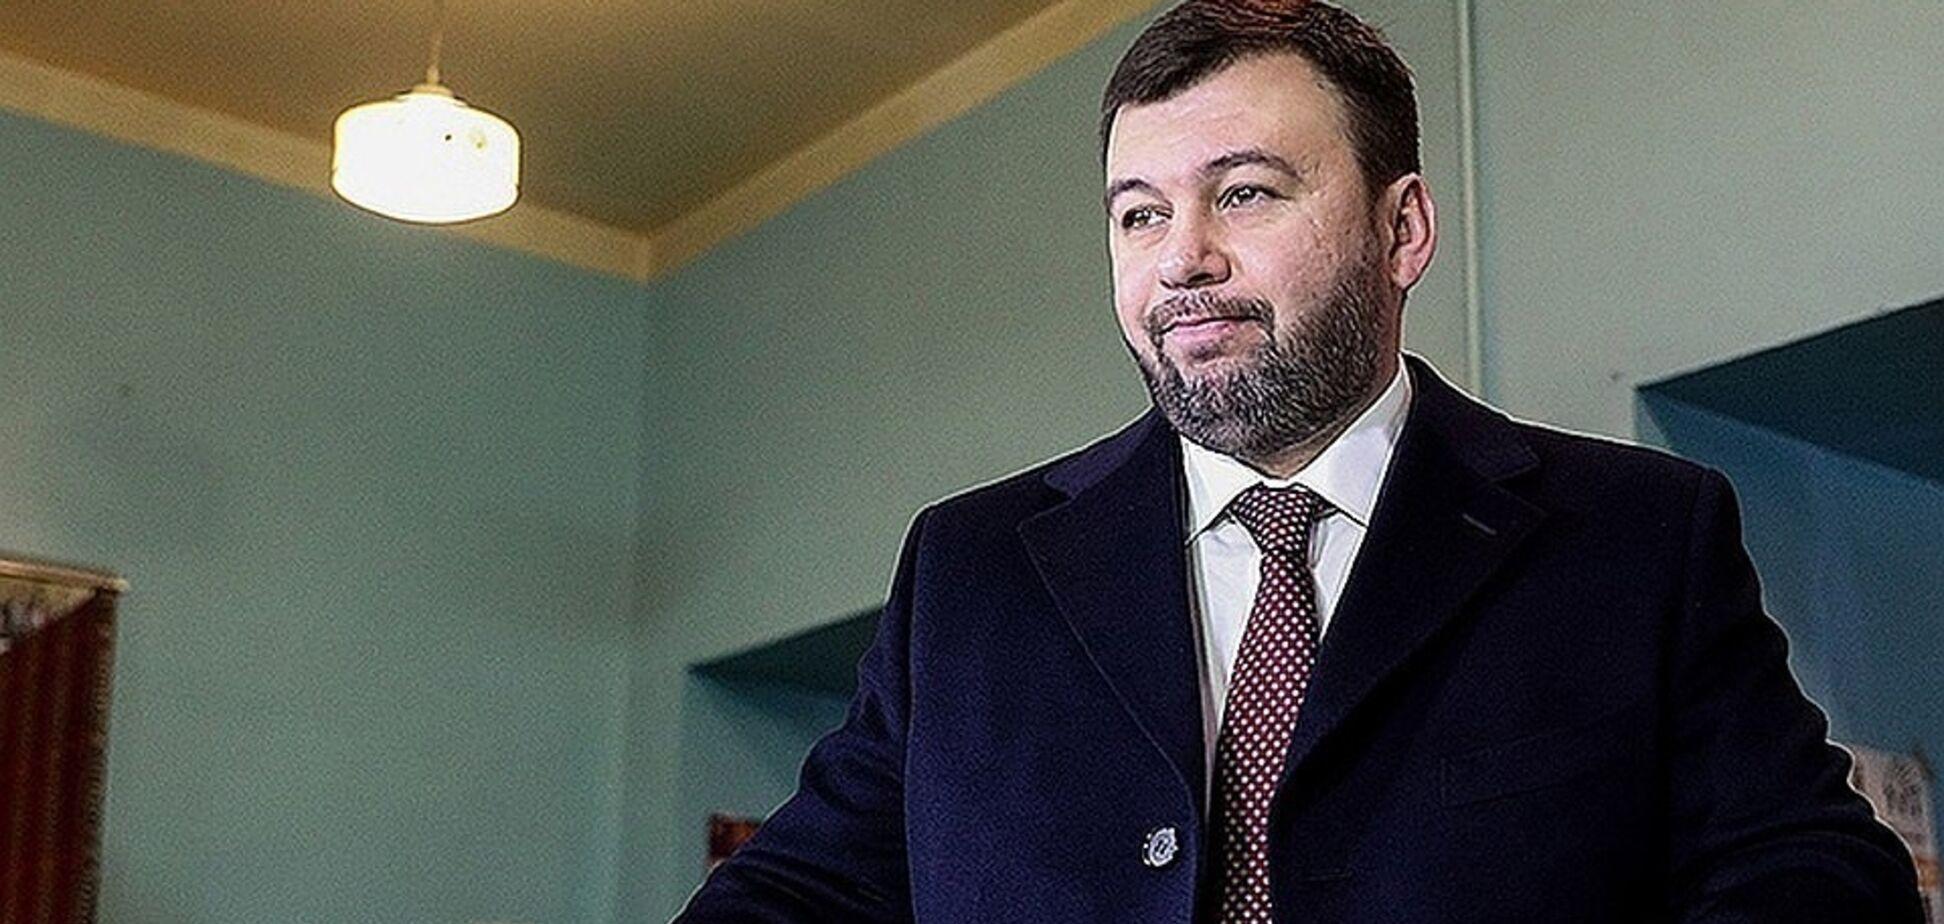 Российские СМИ признали 'ополченца' - боевиком. В 'ДНР' обиделись